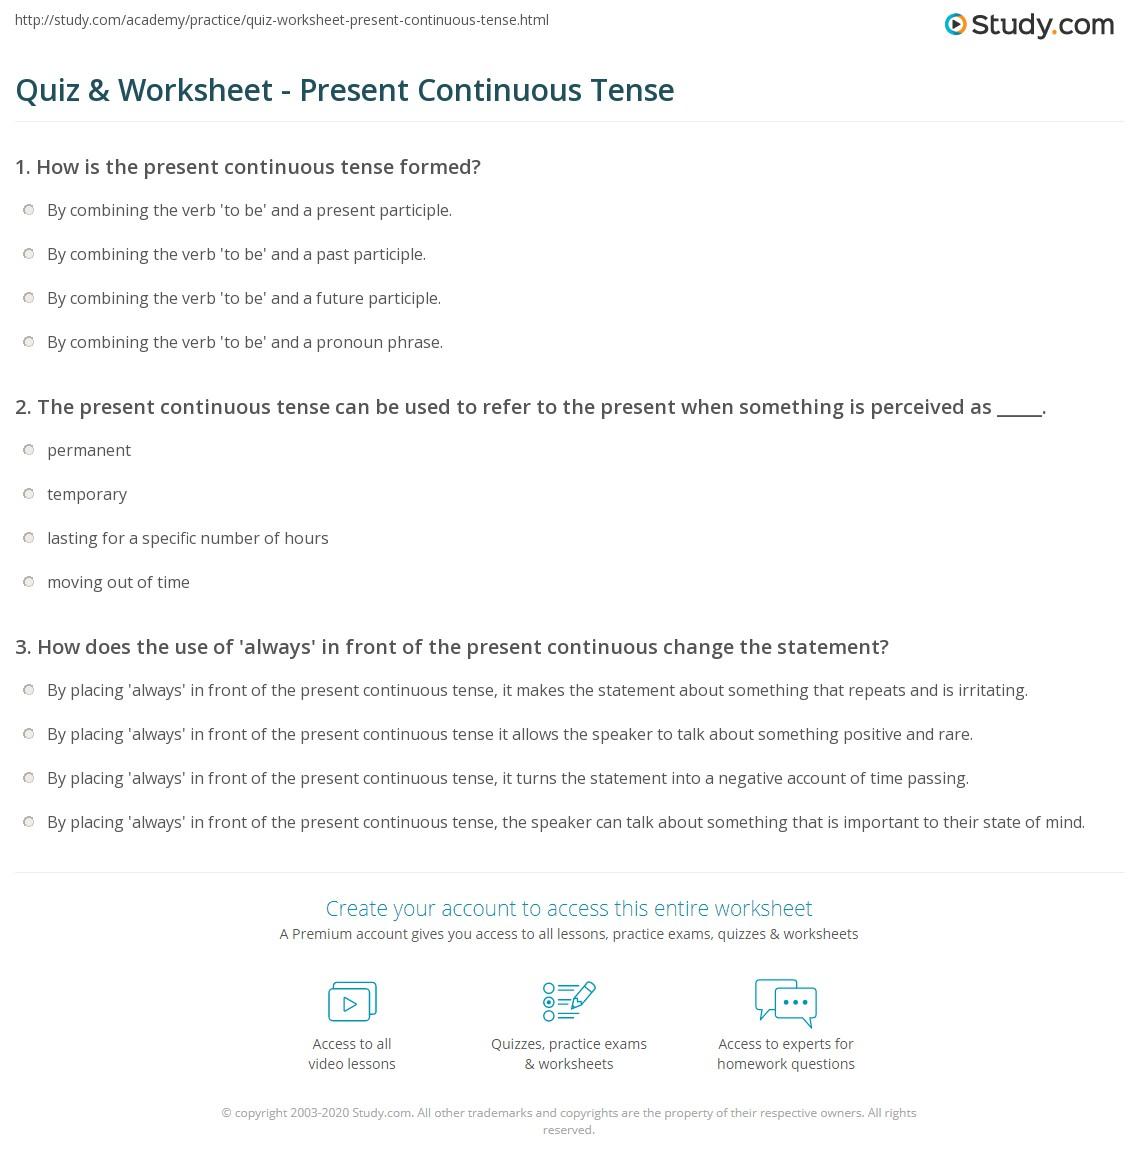 present continuous tense quiz pdf